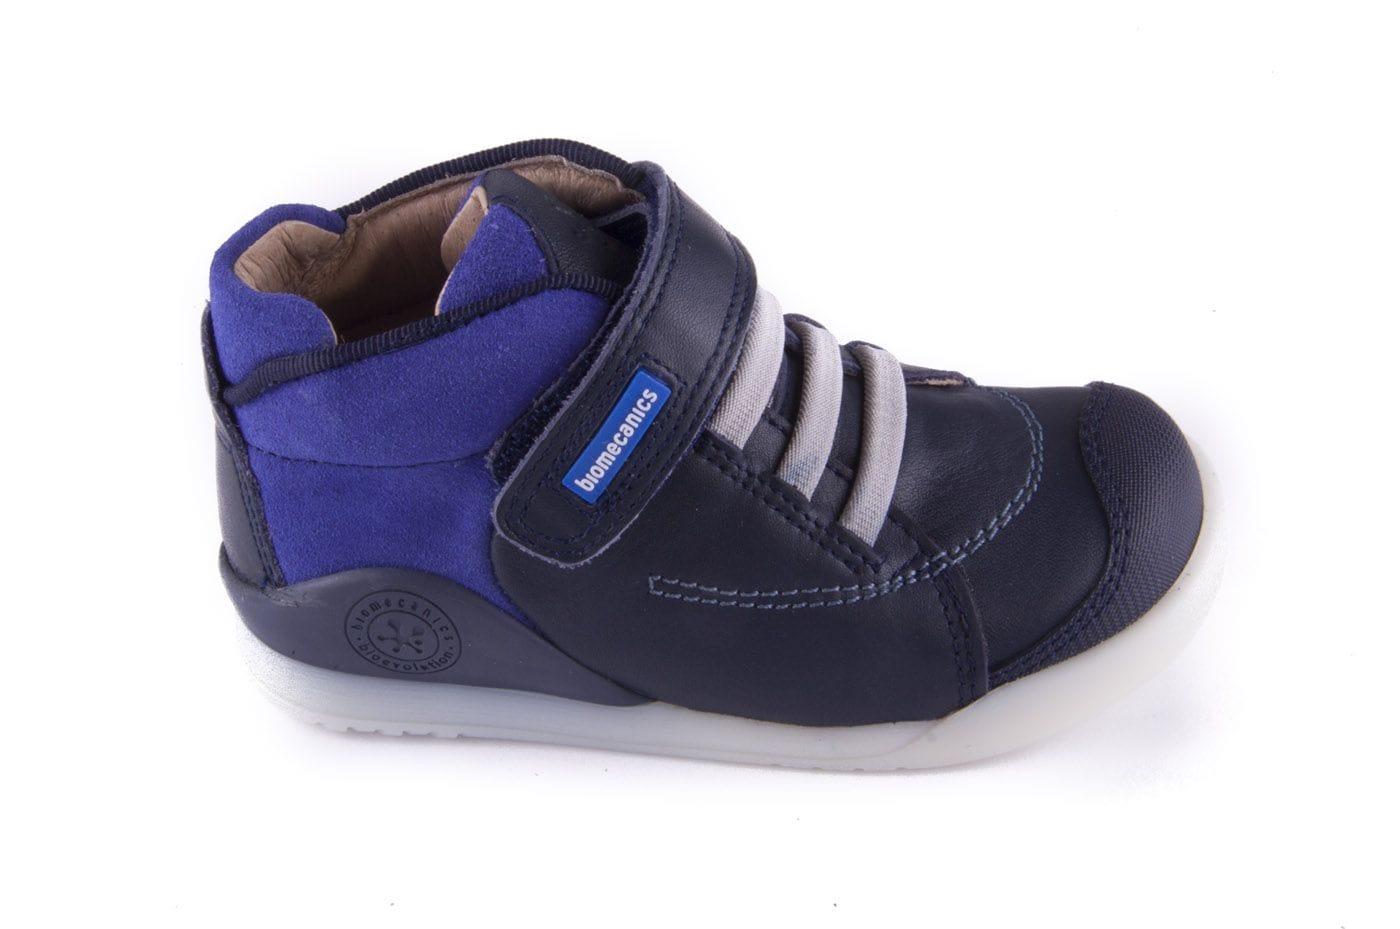 8f349ac2898 Comprar zapato tipo JOVEN NIÑO estilo BOTAS COLOR AZUL PIEL